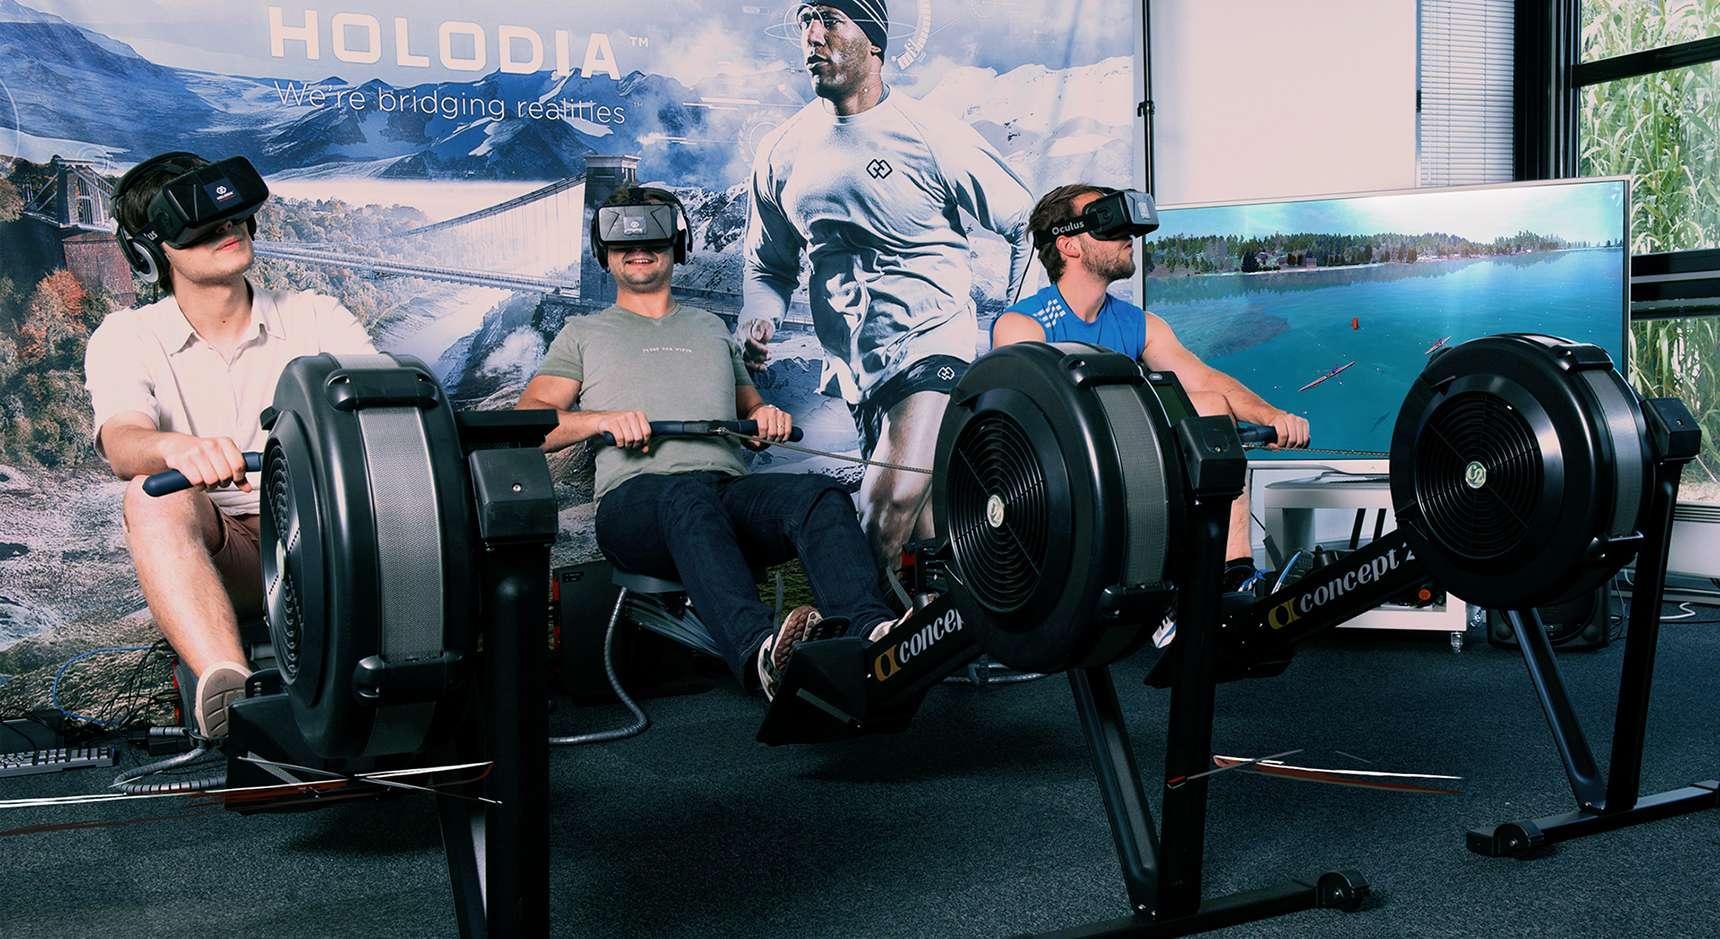 Academias de ginástica usarão realidade virtual para tornar os exercícios mais envolventes stylo urbano